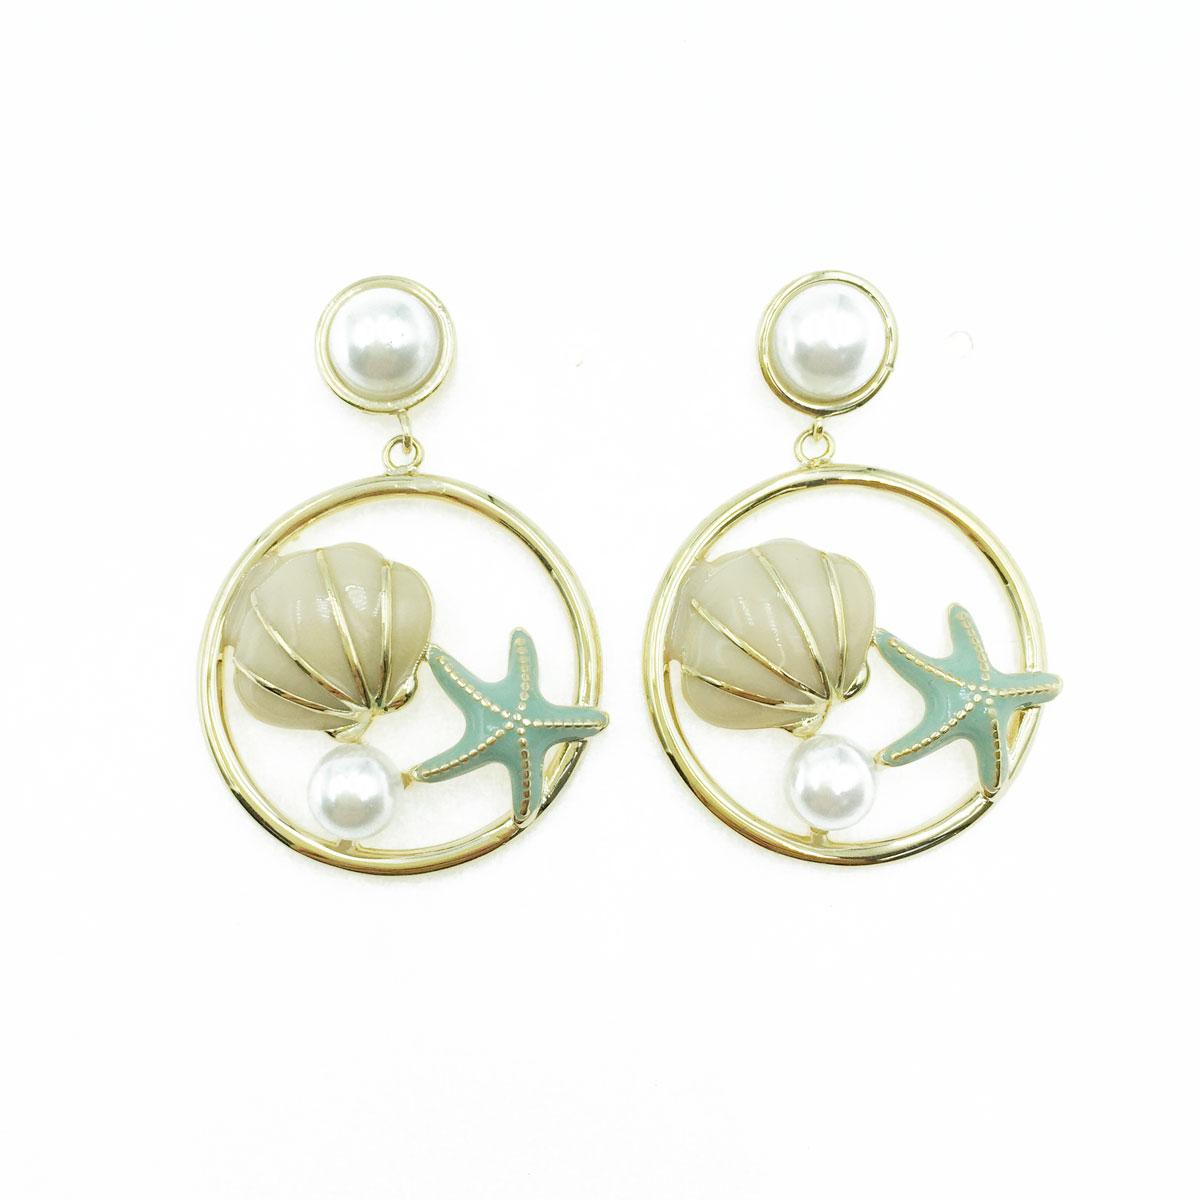 韓國 925純銀 珍珠 海星 貝殼 造型 耳針式耳環